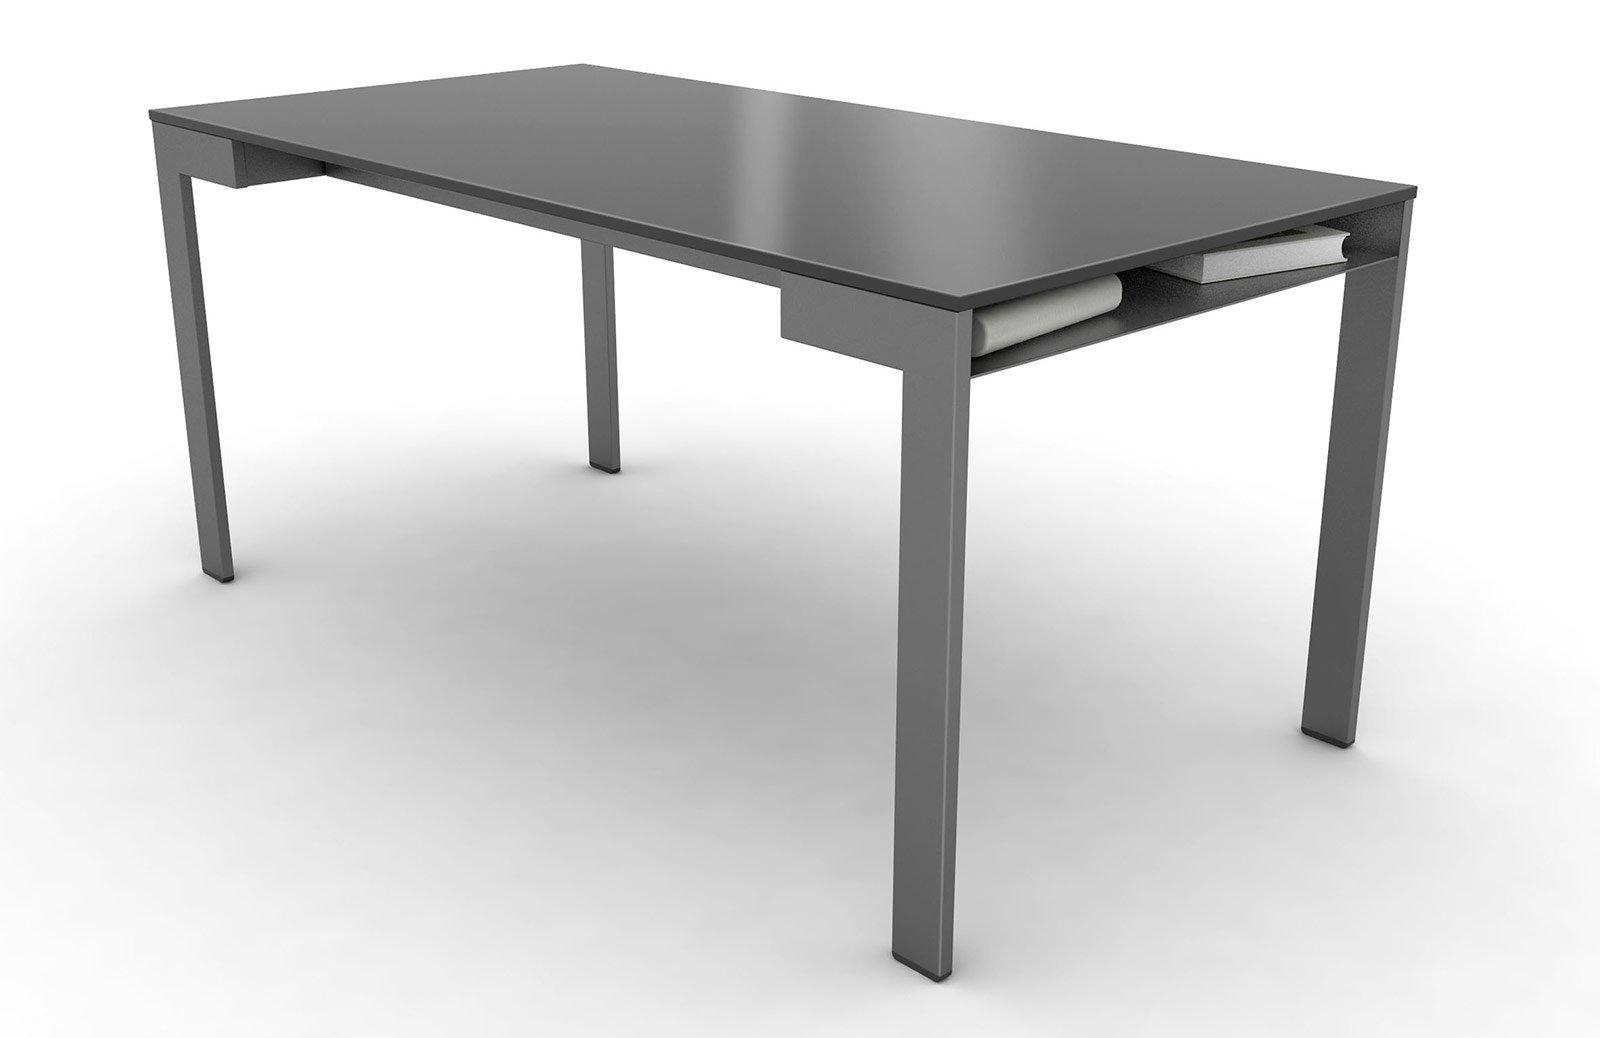 Tavoli Con Struttura In Metallo. Dal Salone Del Mobile 2014 Cose Di  #676962 1600 1038 Tavoli Da Pranzo Con Cassetti